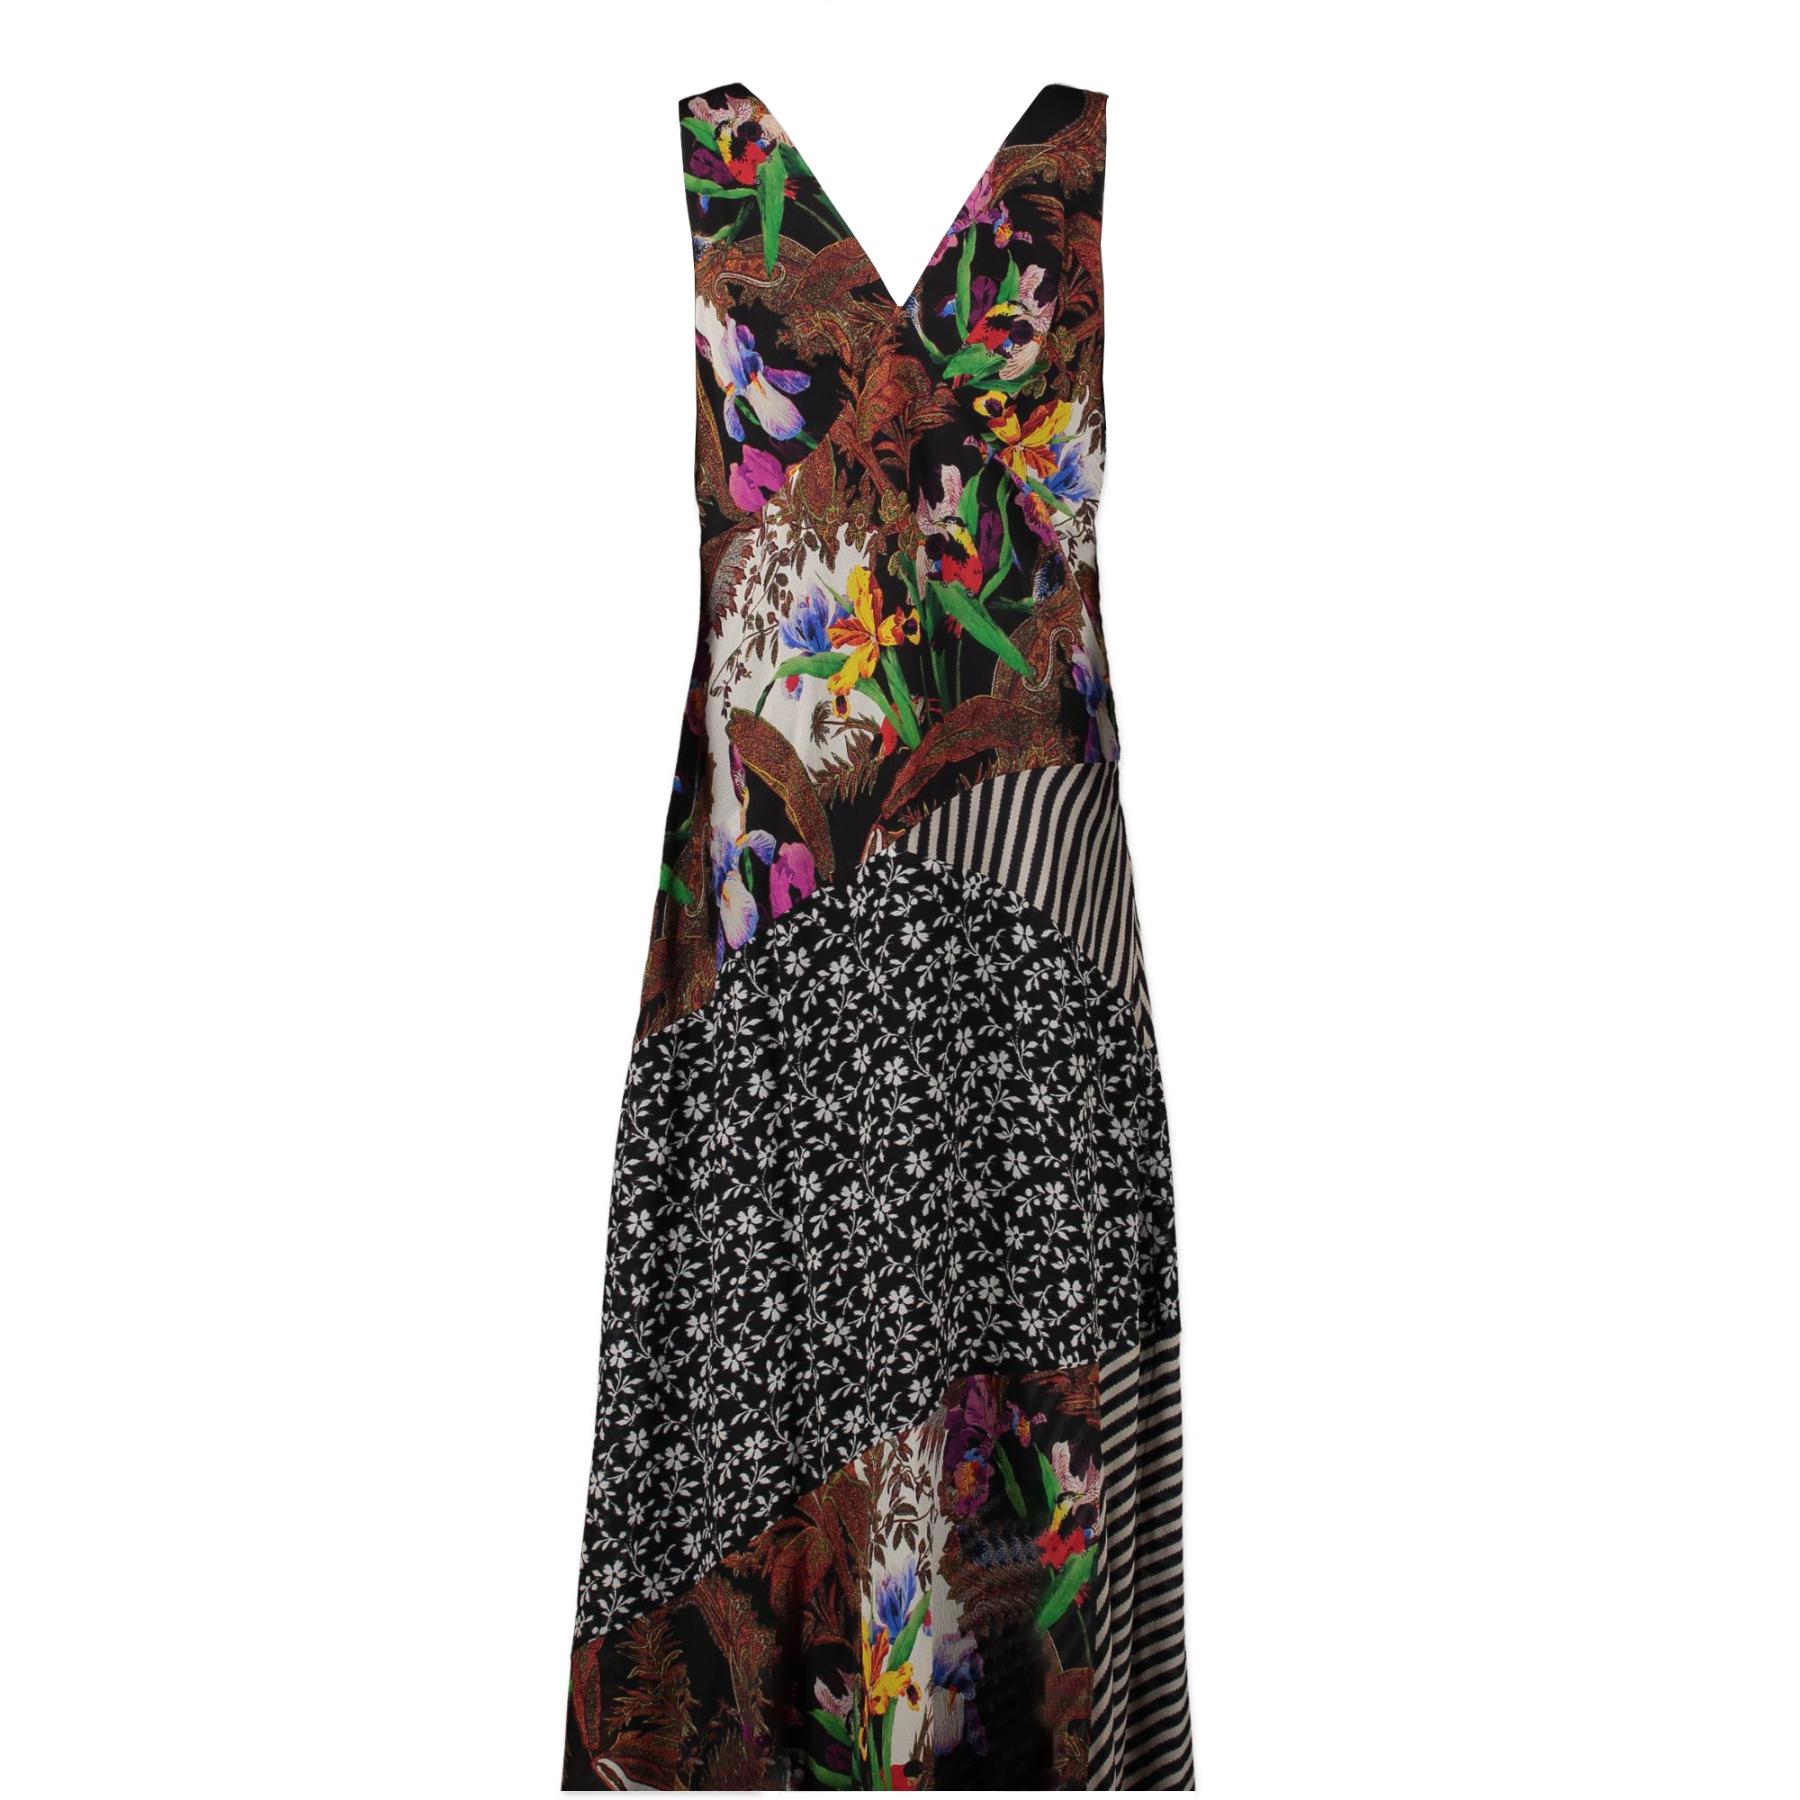 Authentieke tweedehands vintage Etro Multicolor Viscose Nylon Dress - IT Size 46 koop online webshop LabelLOV